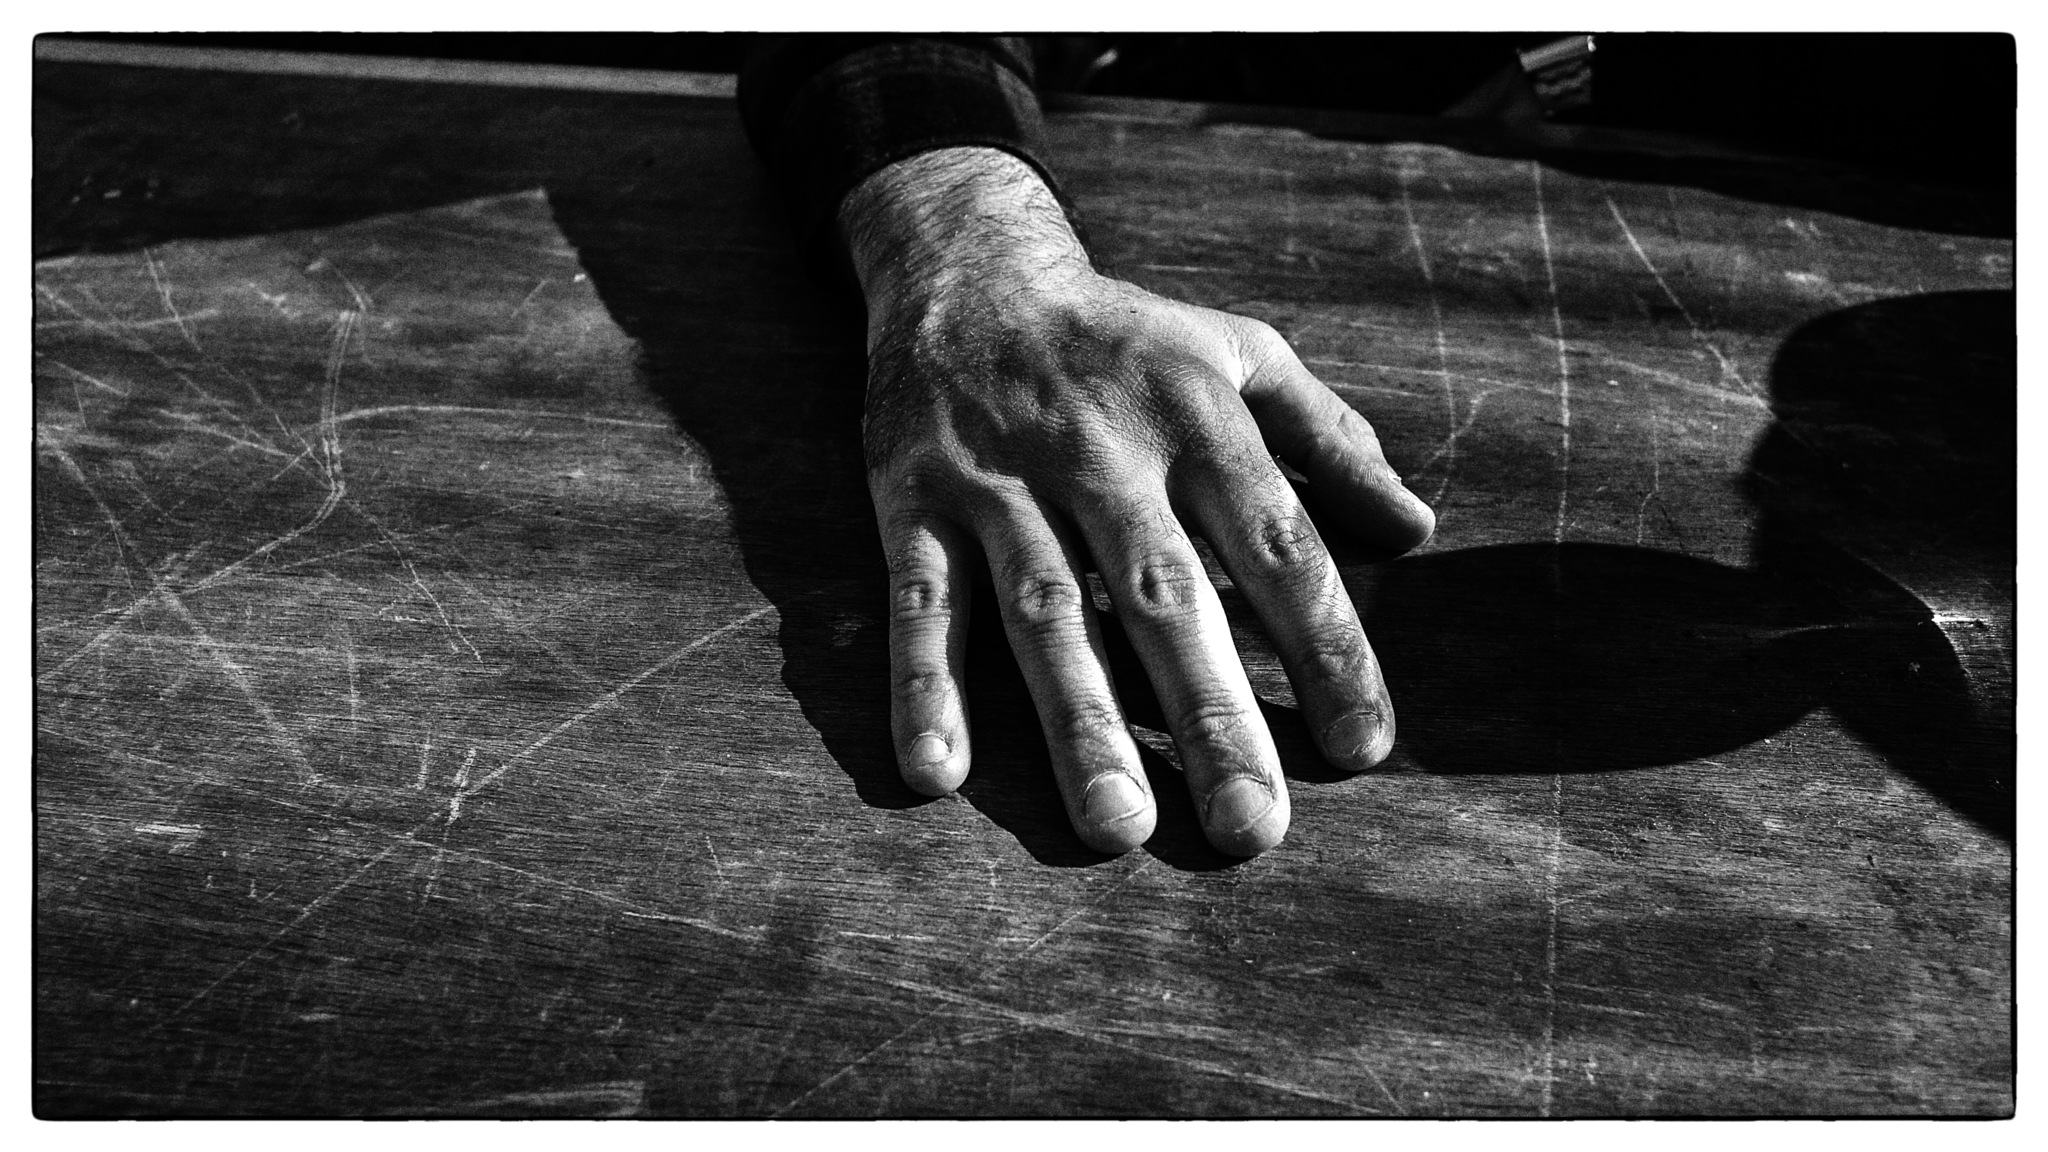 Untitled by Laurent Robillard